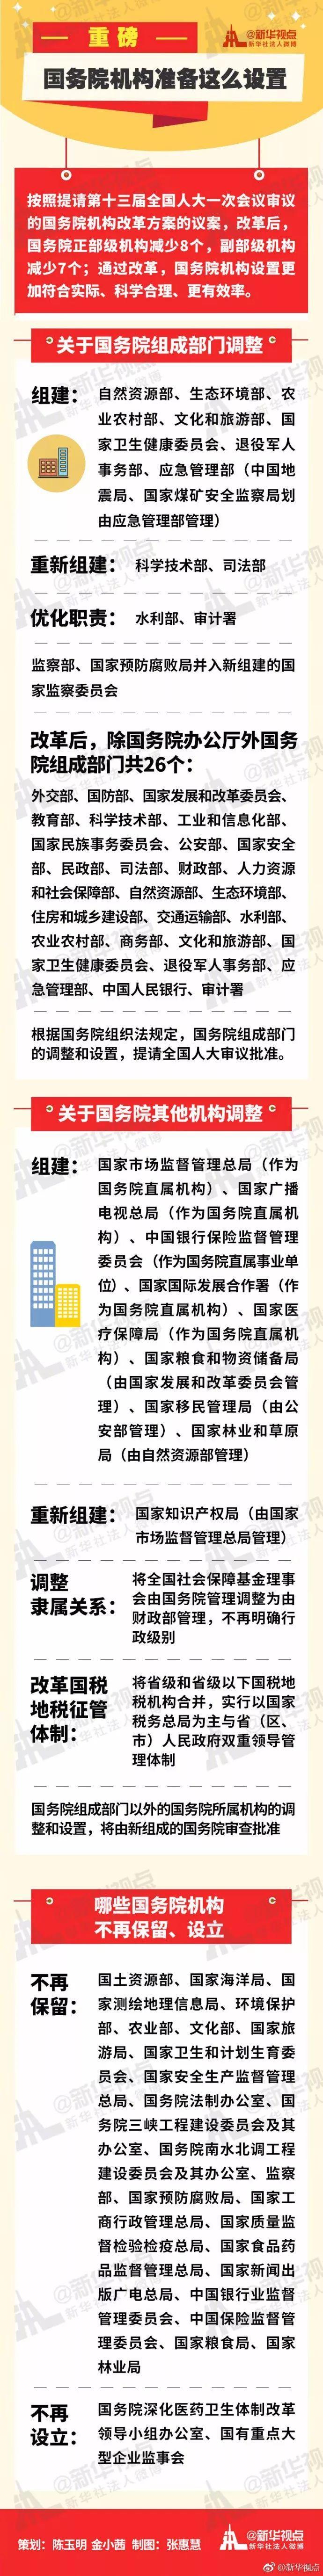 正部级机构减少8个,副部级机构减少7个!国务院机构准备这么设置